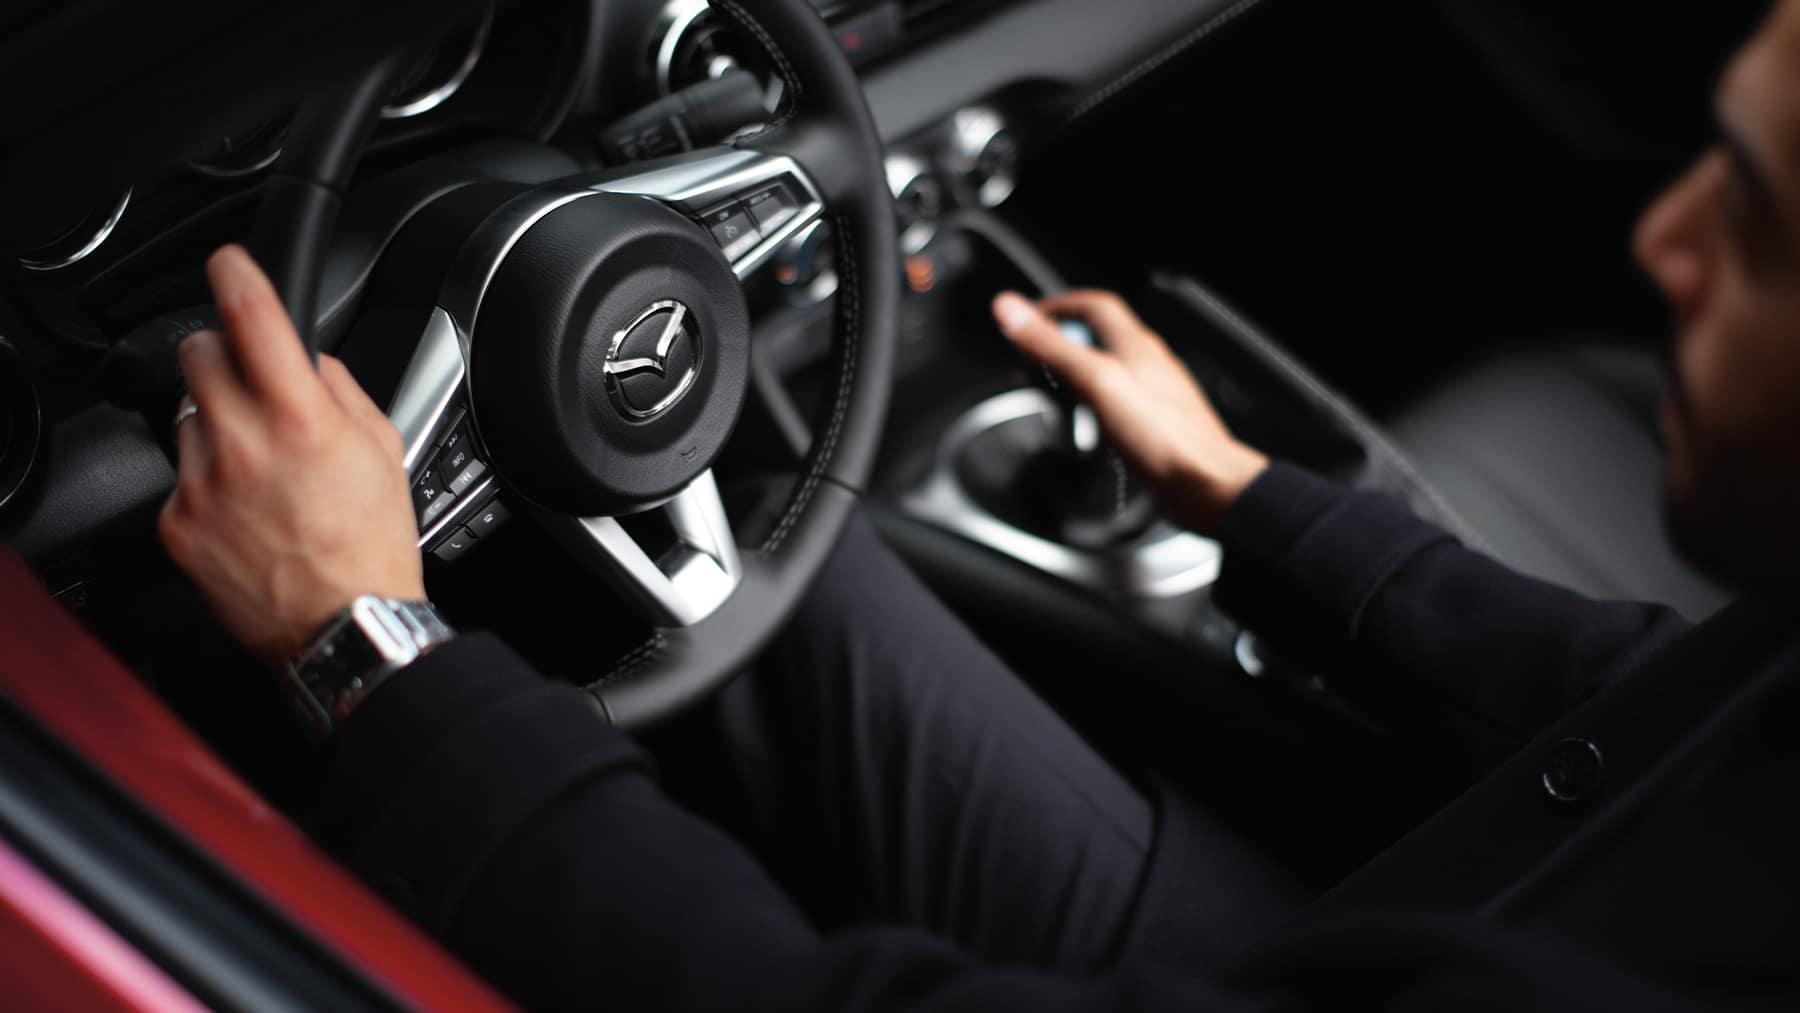 2020 Miata interior driver seat